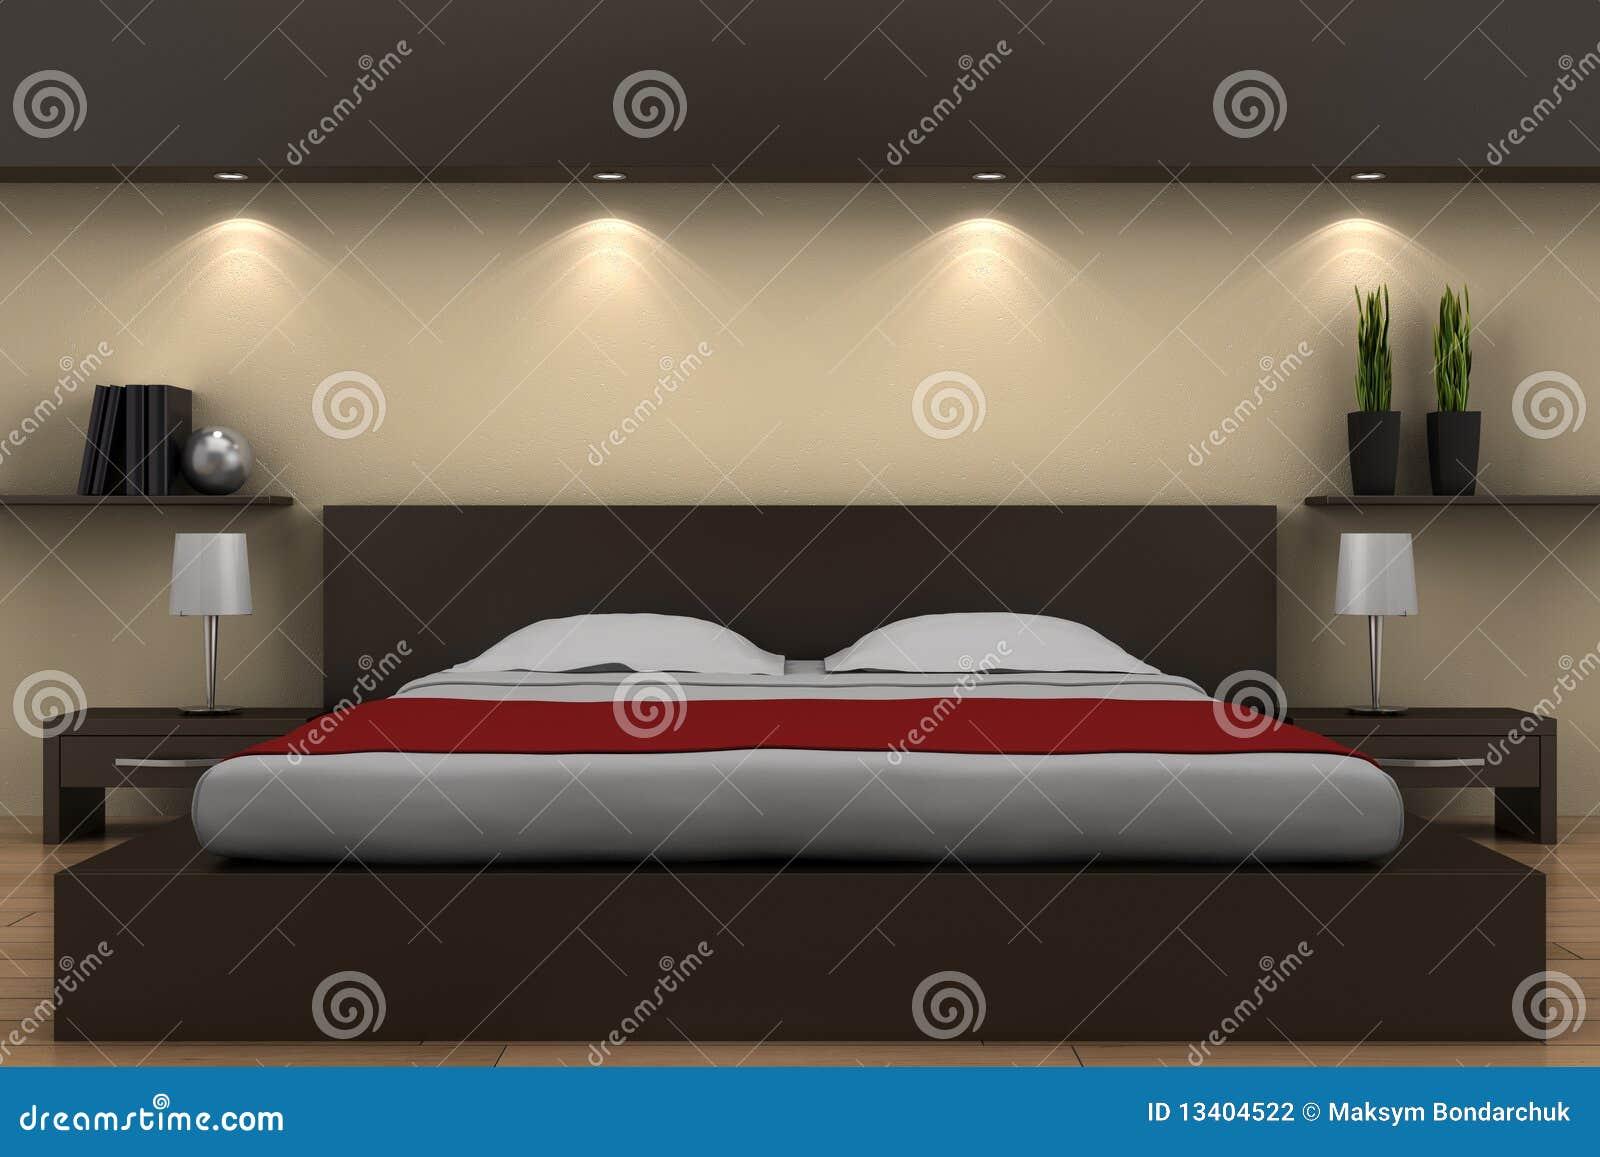 Download Modernes Schlafzimmer Mit Braunem Bett Stock Abbildung    Illustration Von Weiß, Fußboden: 13404522